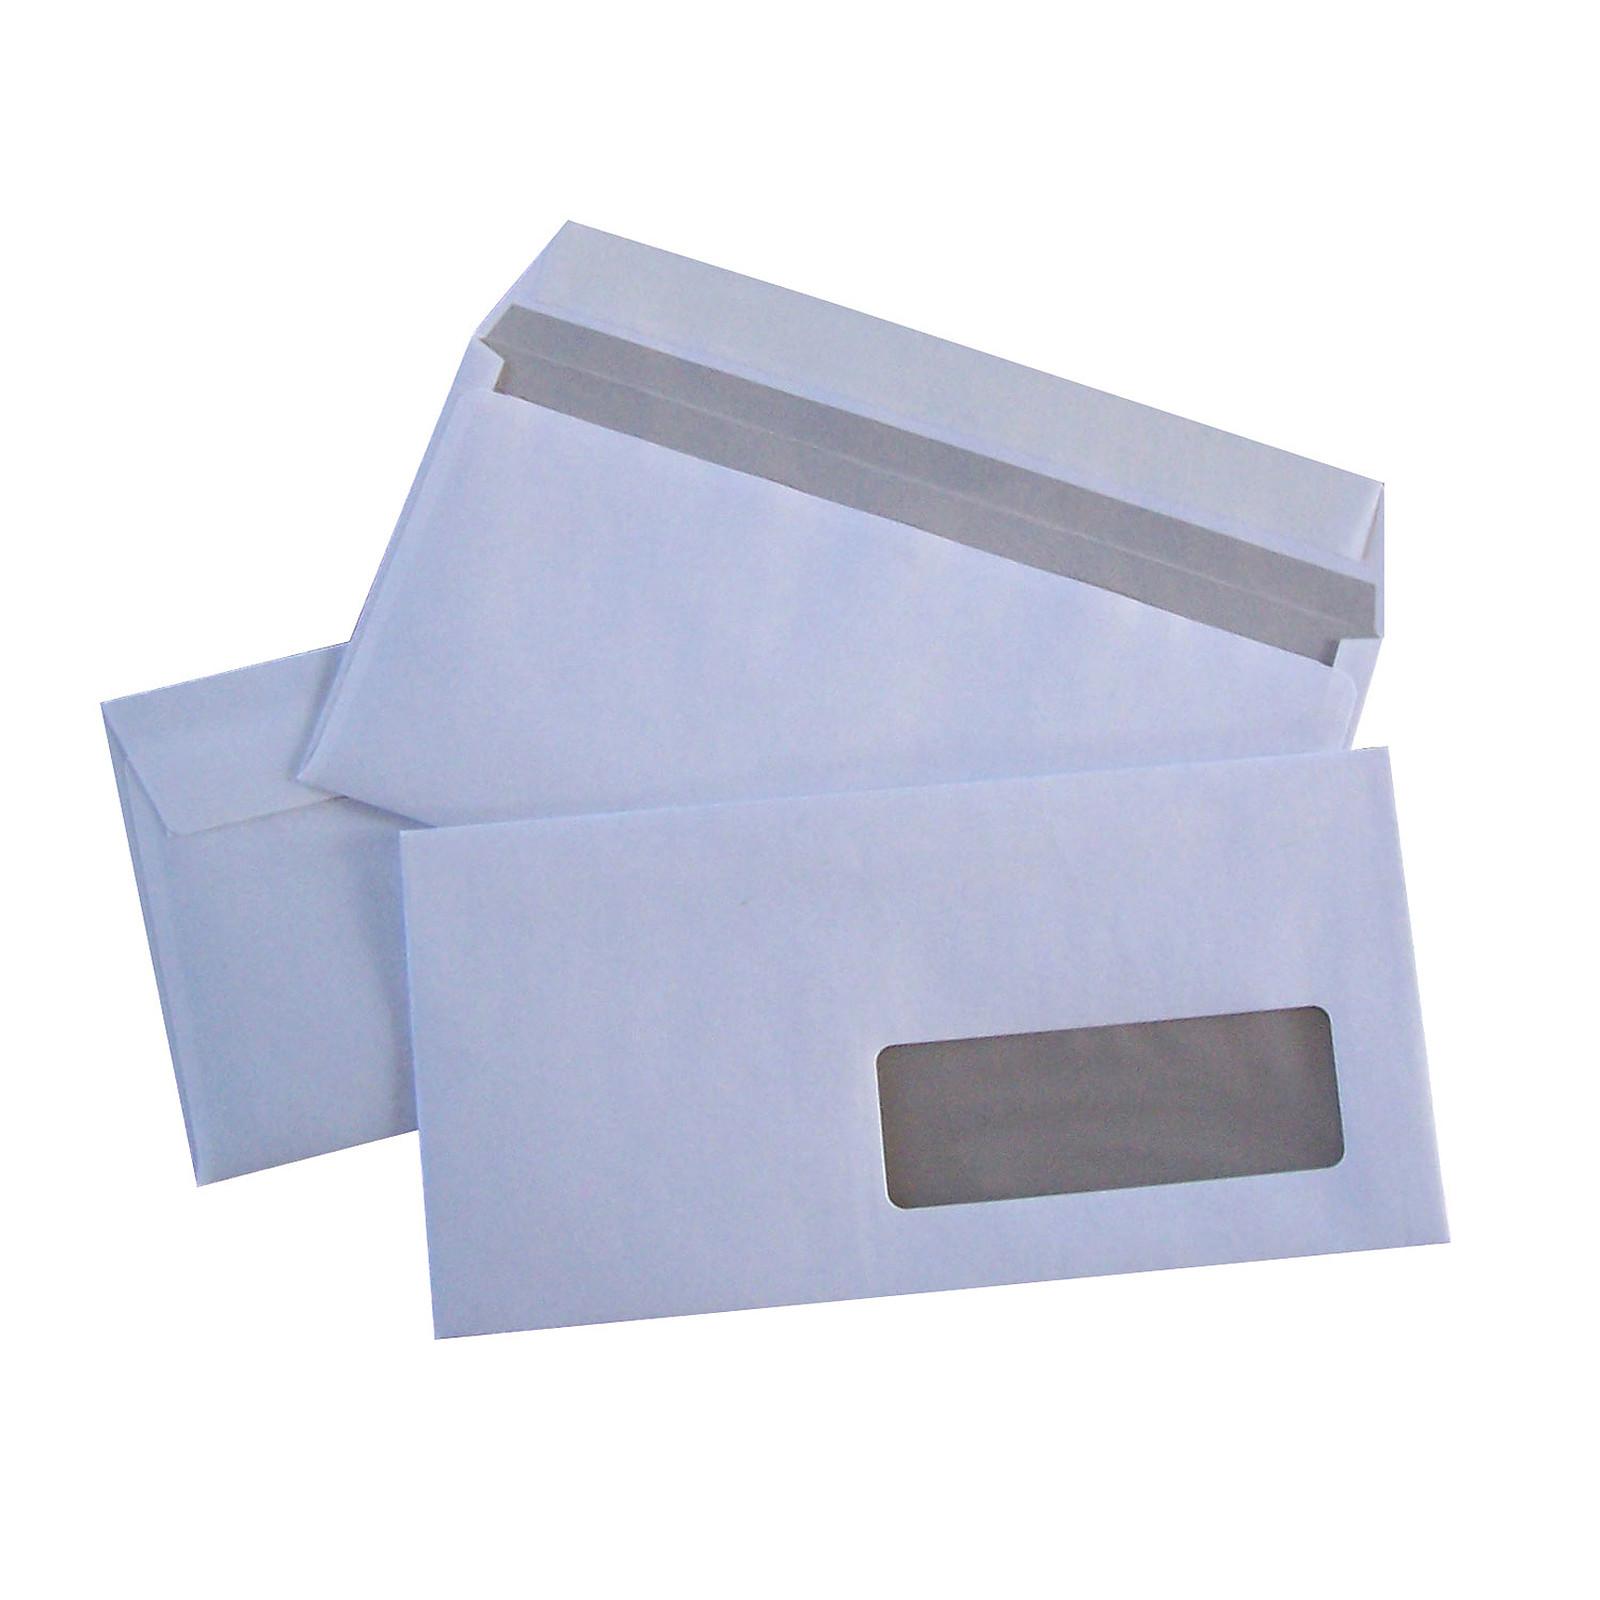 500 enveloppes DL auto-adhésives 80G fenêtre 35x100